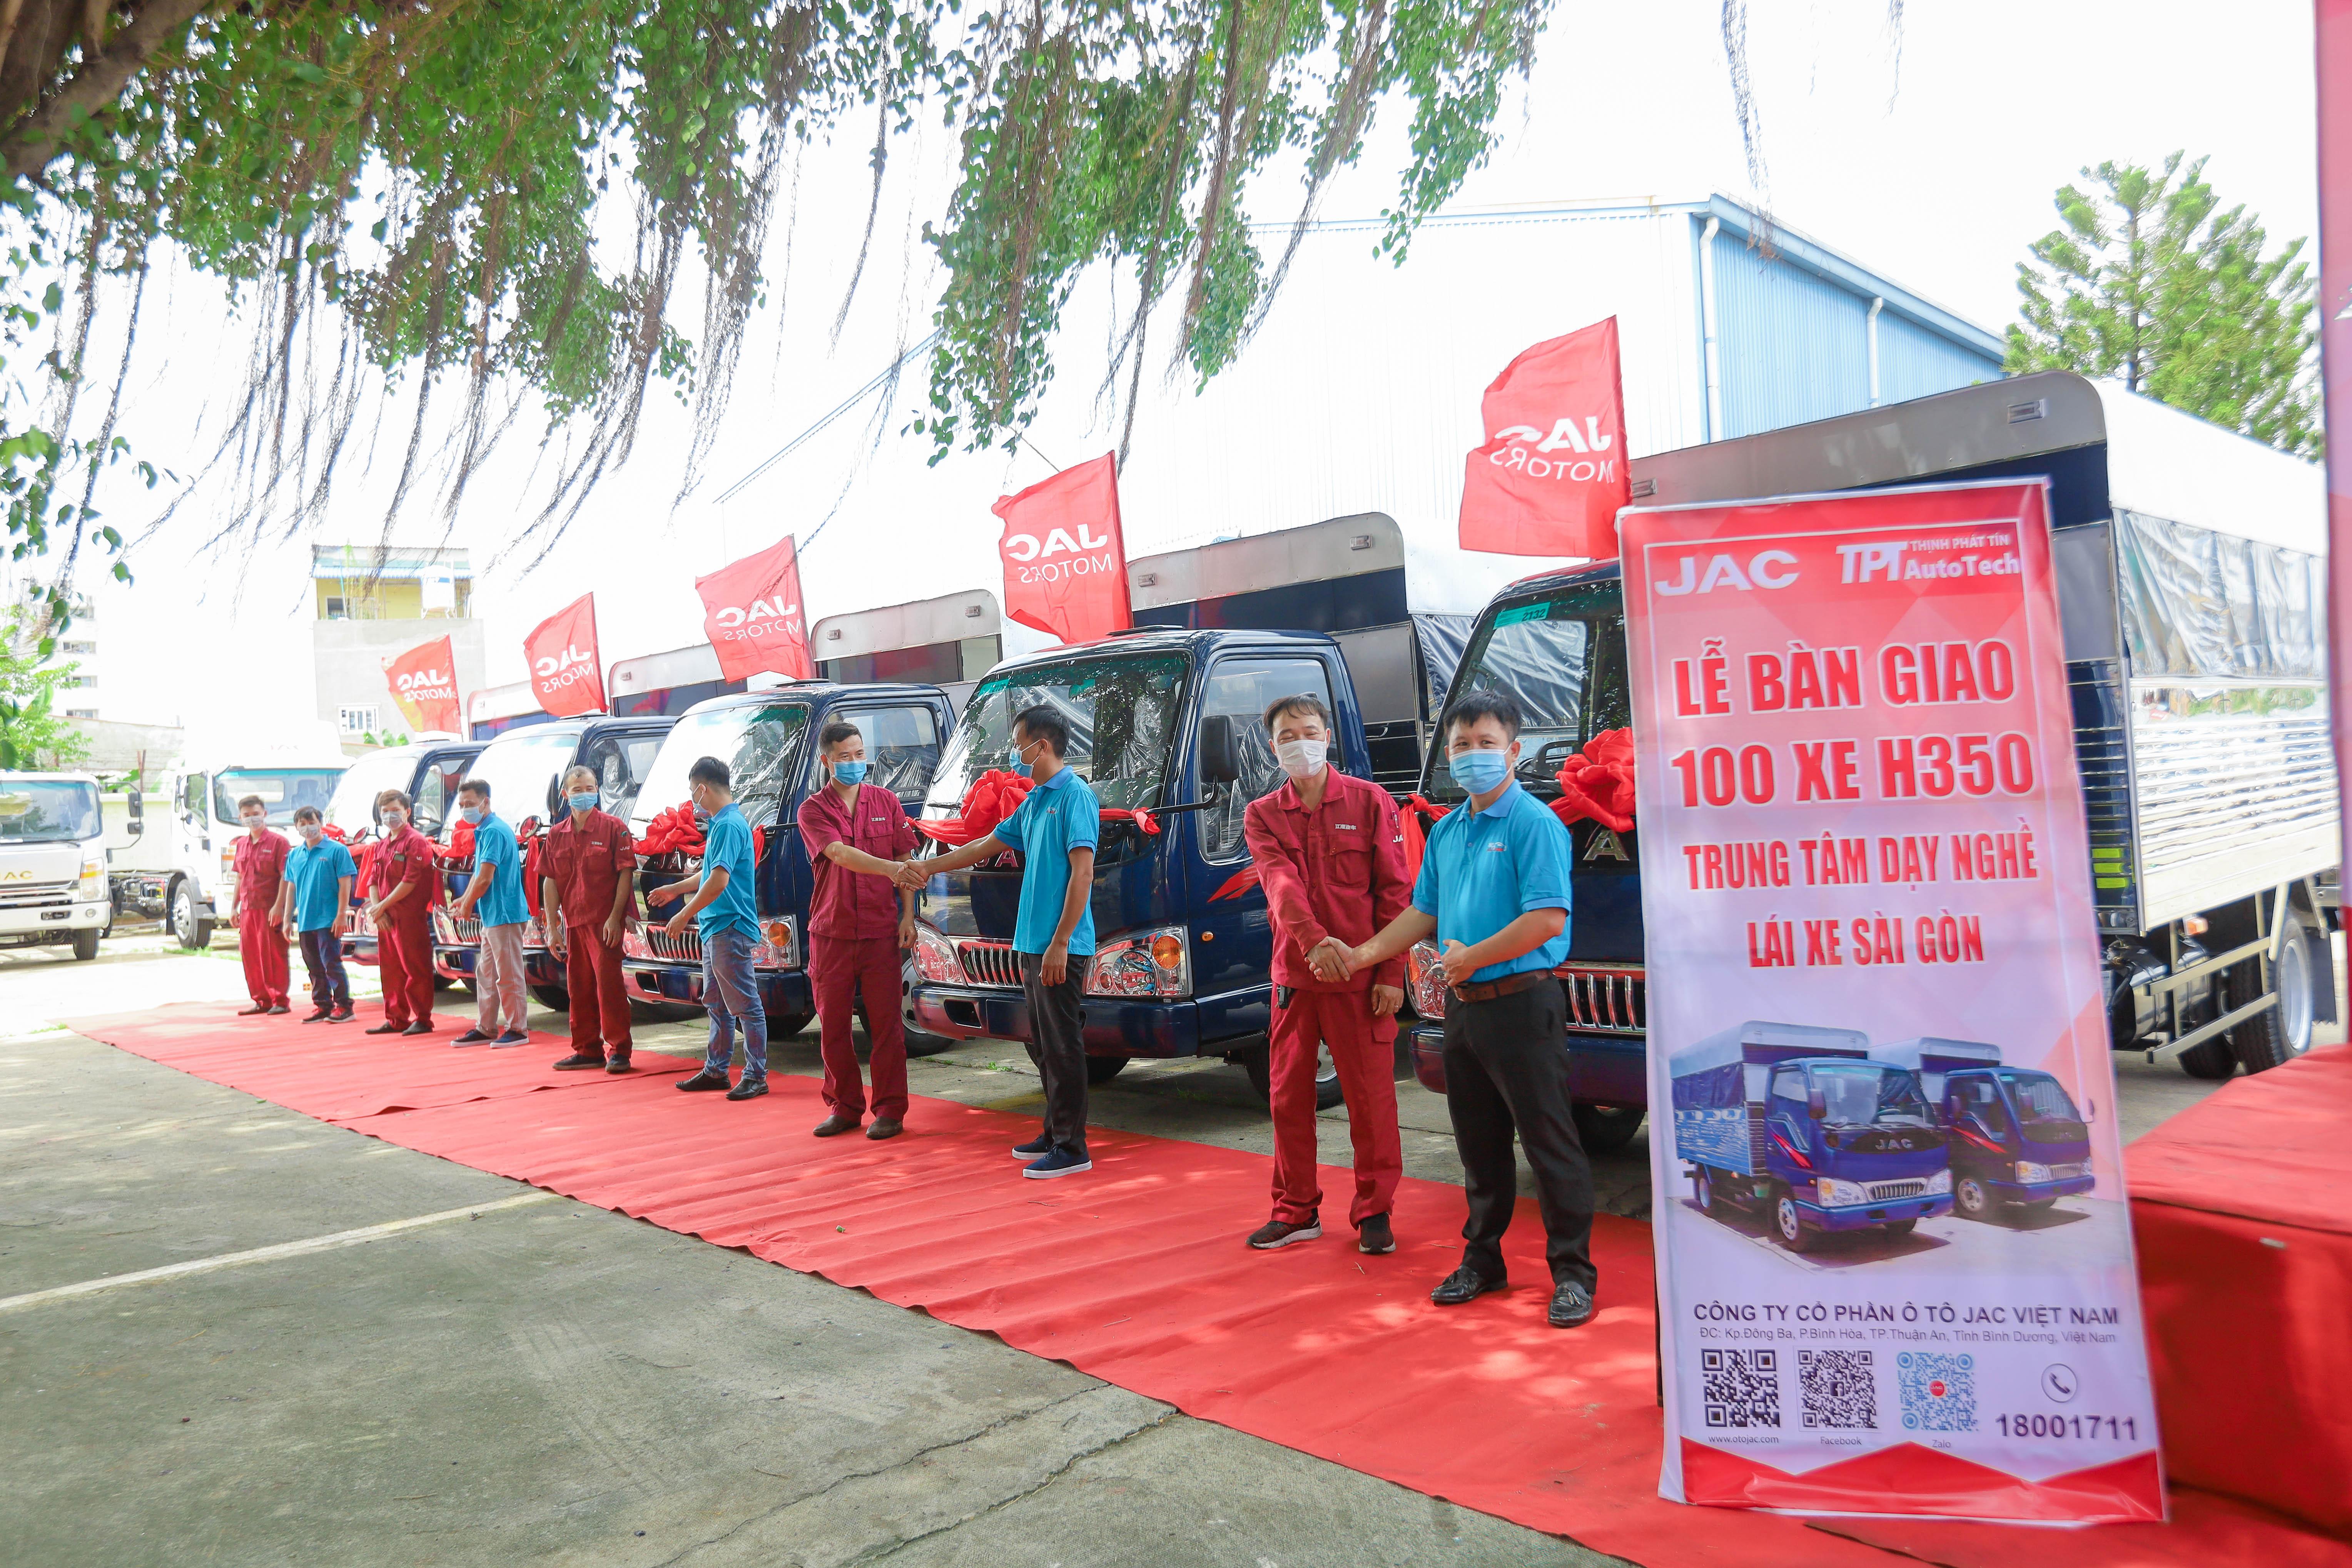 Hãy đến Trung tâm dạy nghề lái xe Sài Gòn để trải nghiệm 1 khóa học lái xe ô tô an toàn và đầy thú vị trên hàng trăm xe đời mới.